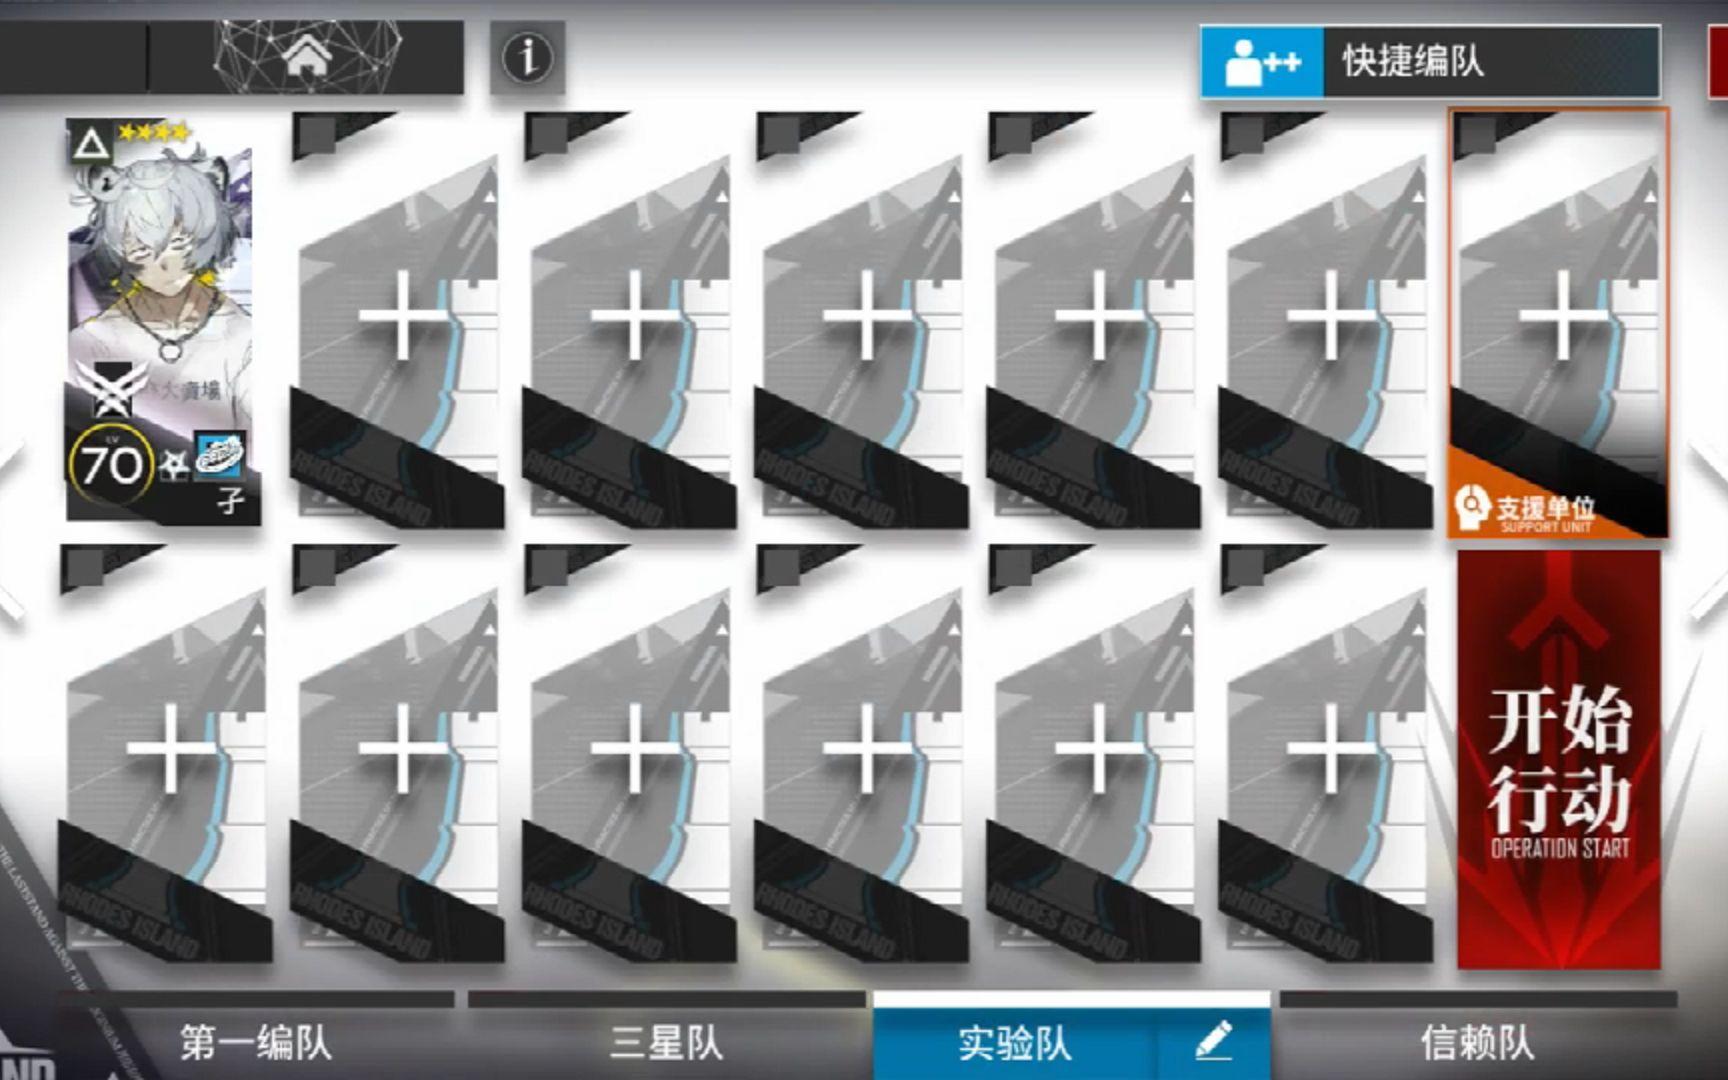 【明日方舟】4-4突袭 孑的单人任务